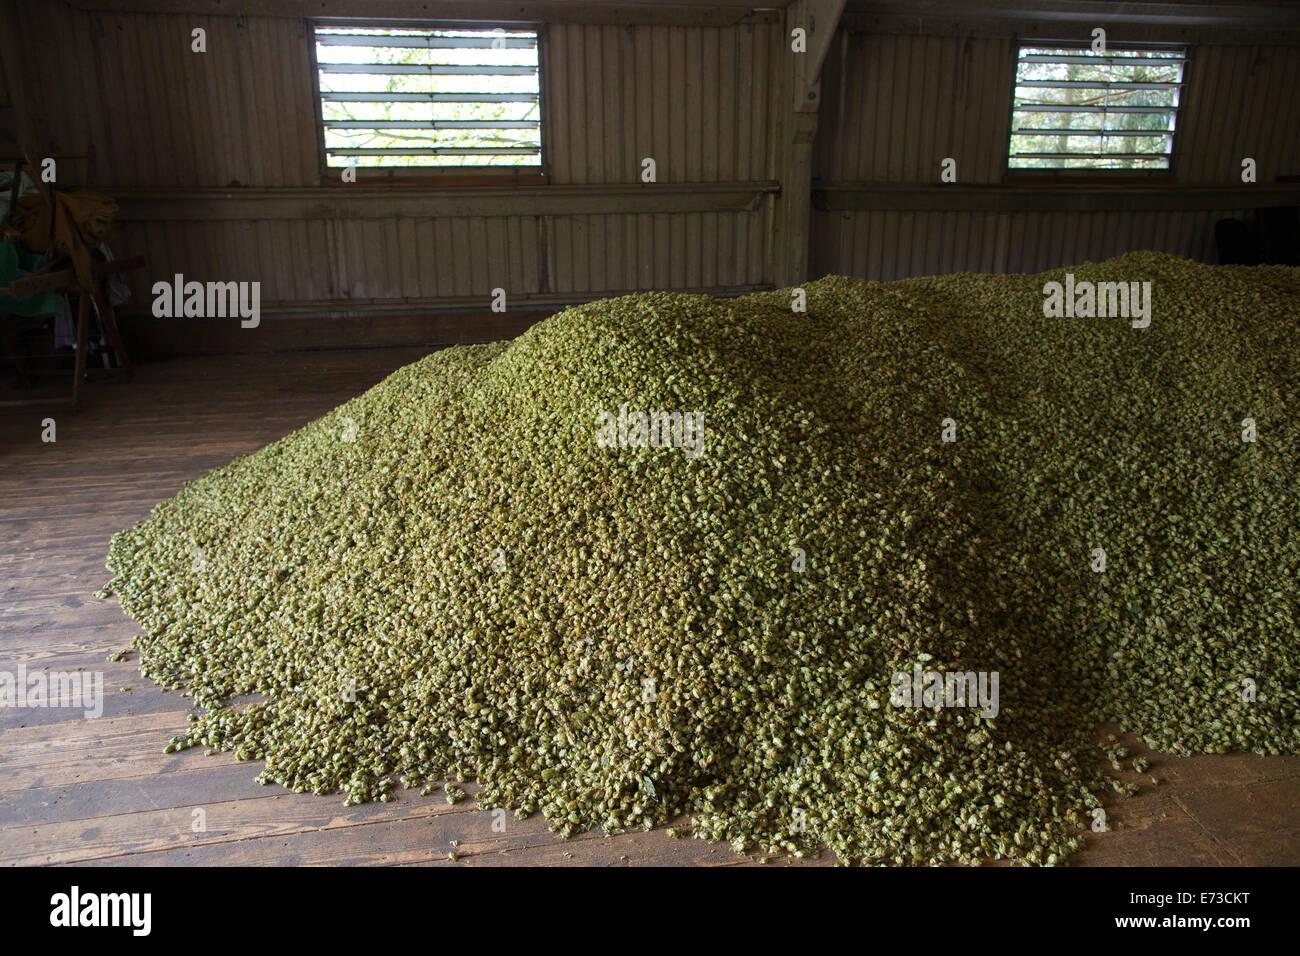 Il luppolo raccolto pronto per essere esportato alle fabbriche per la produzione di birra, Hampton station wagon, Immagini Stock